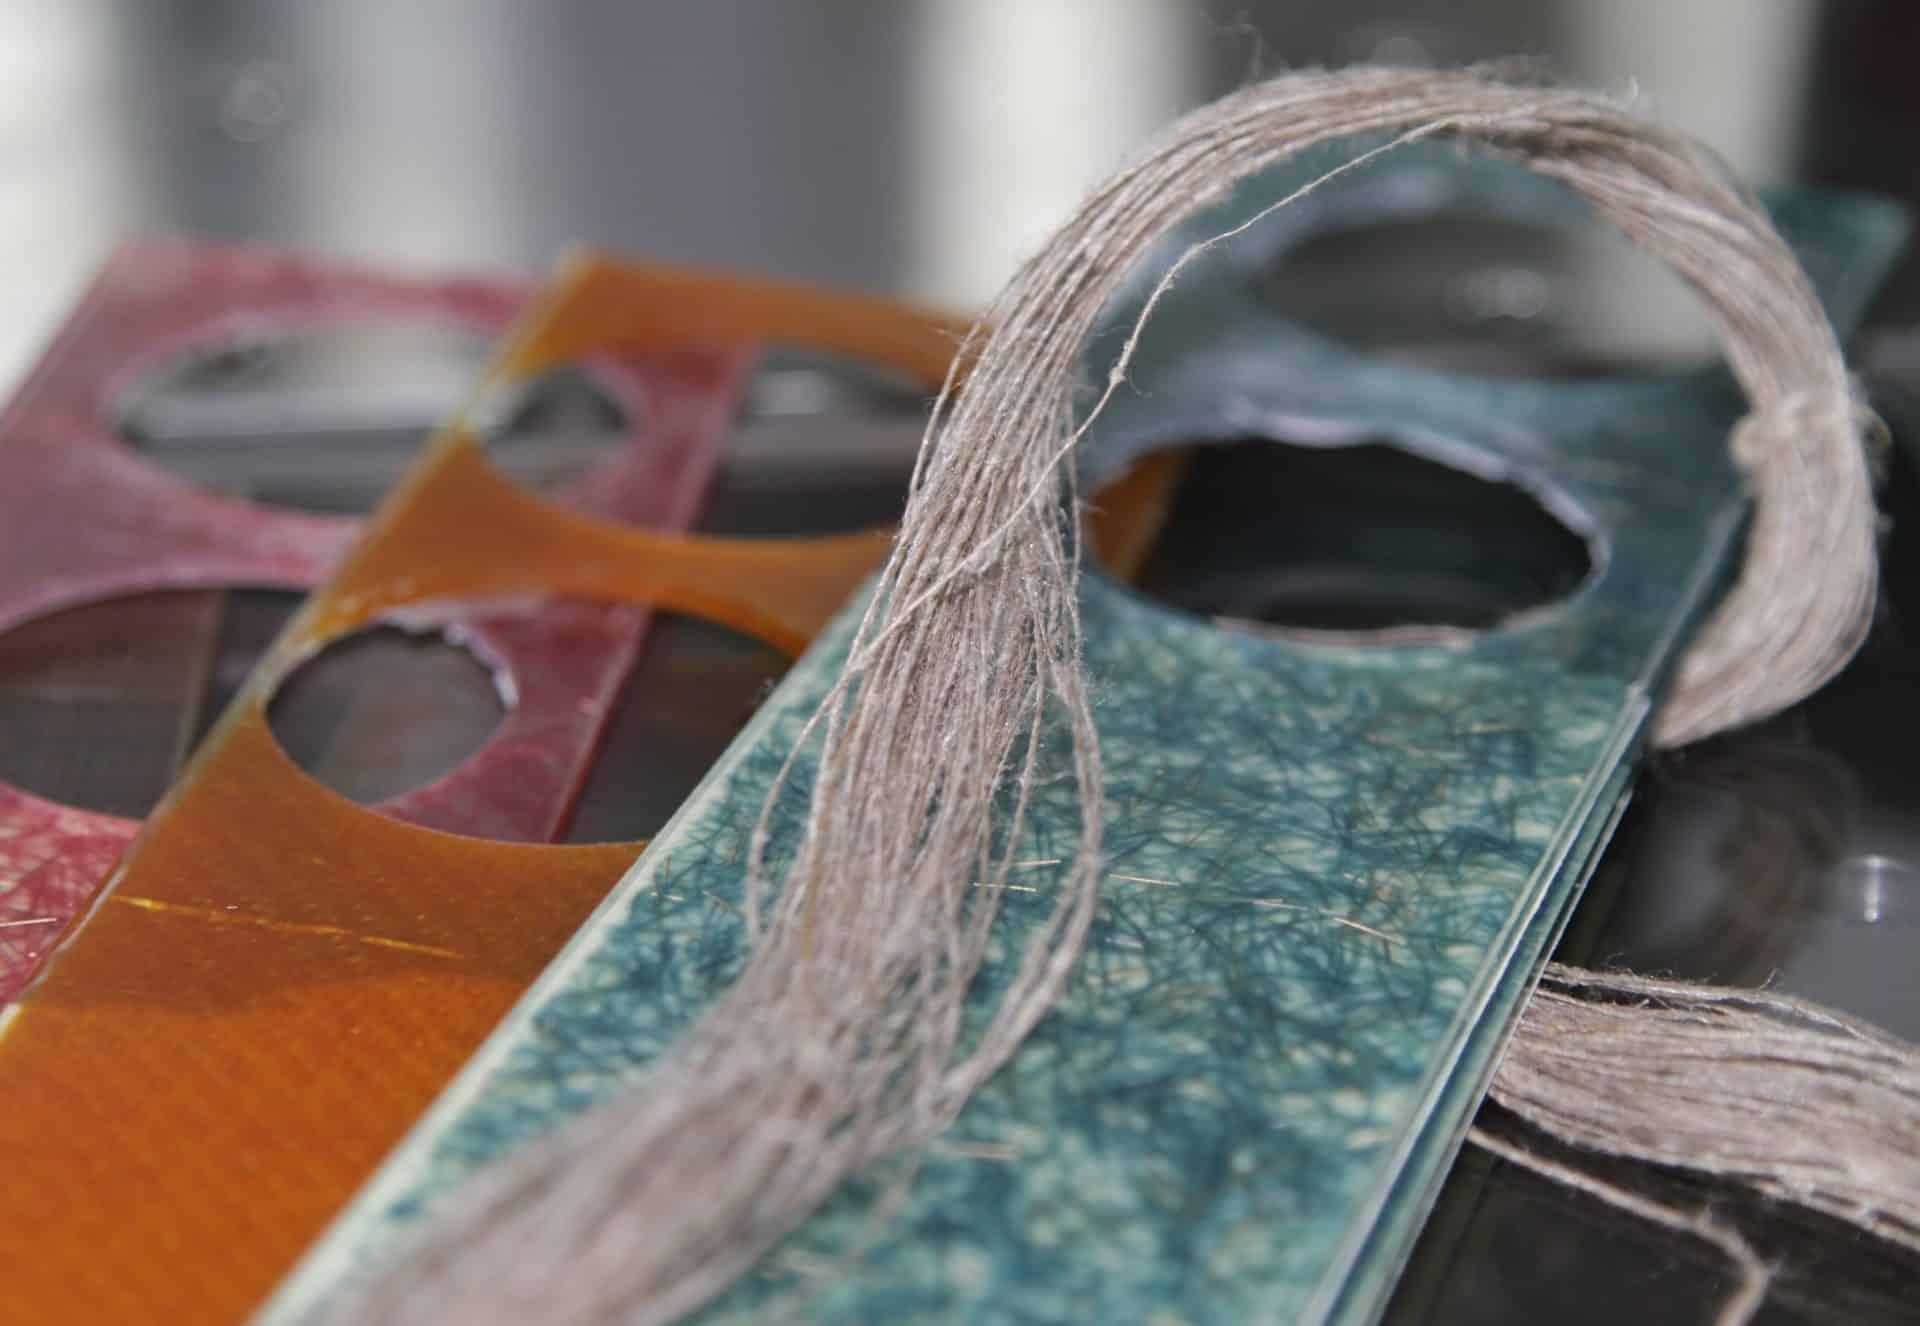 Natürliches Leinen ist der Ausgangsstoff für leichte Uhrengehäuse aus gewebtem Leinen und Kunstharz